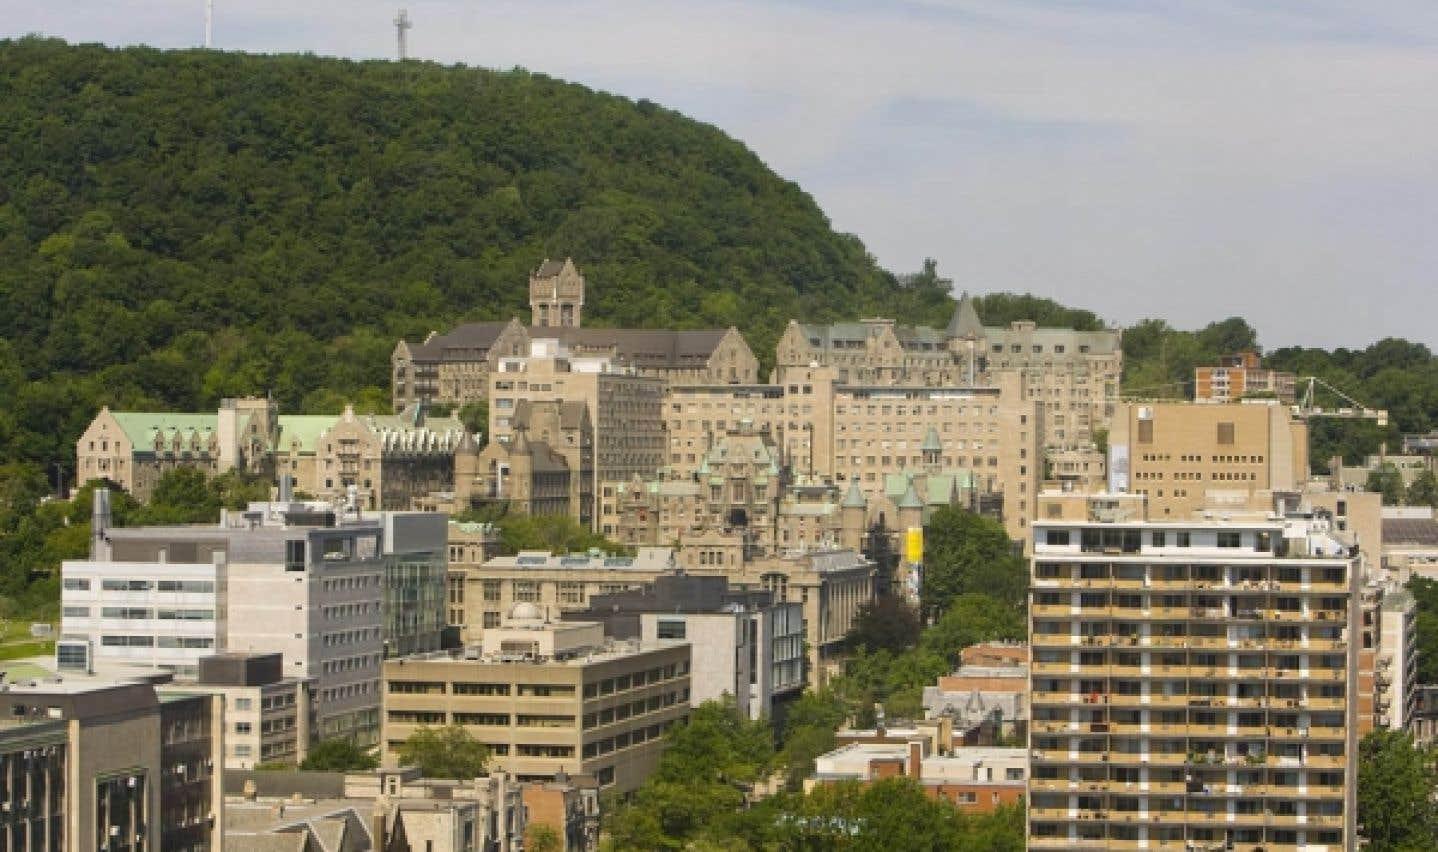 L'école de gestion de l'Université McGill porte le nom Desautels en l'honneur de Marcel Desautels, natif de Saint-Boniface (Manitoba), qui a remis en 2005 la prodigieuse somme de 22 millions à cette université afin de stimuler l'excellence de la formation en gestion.